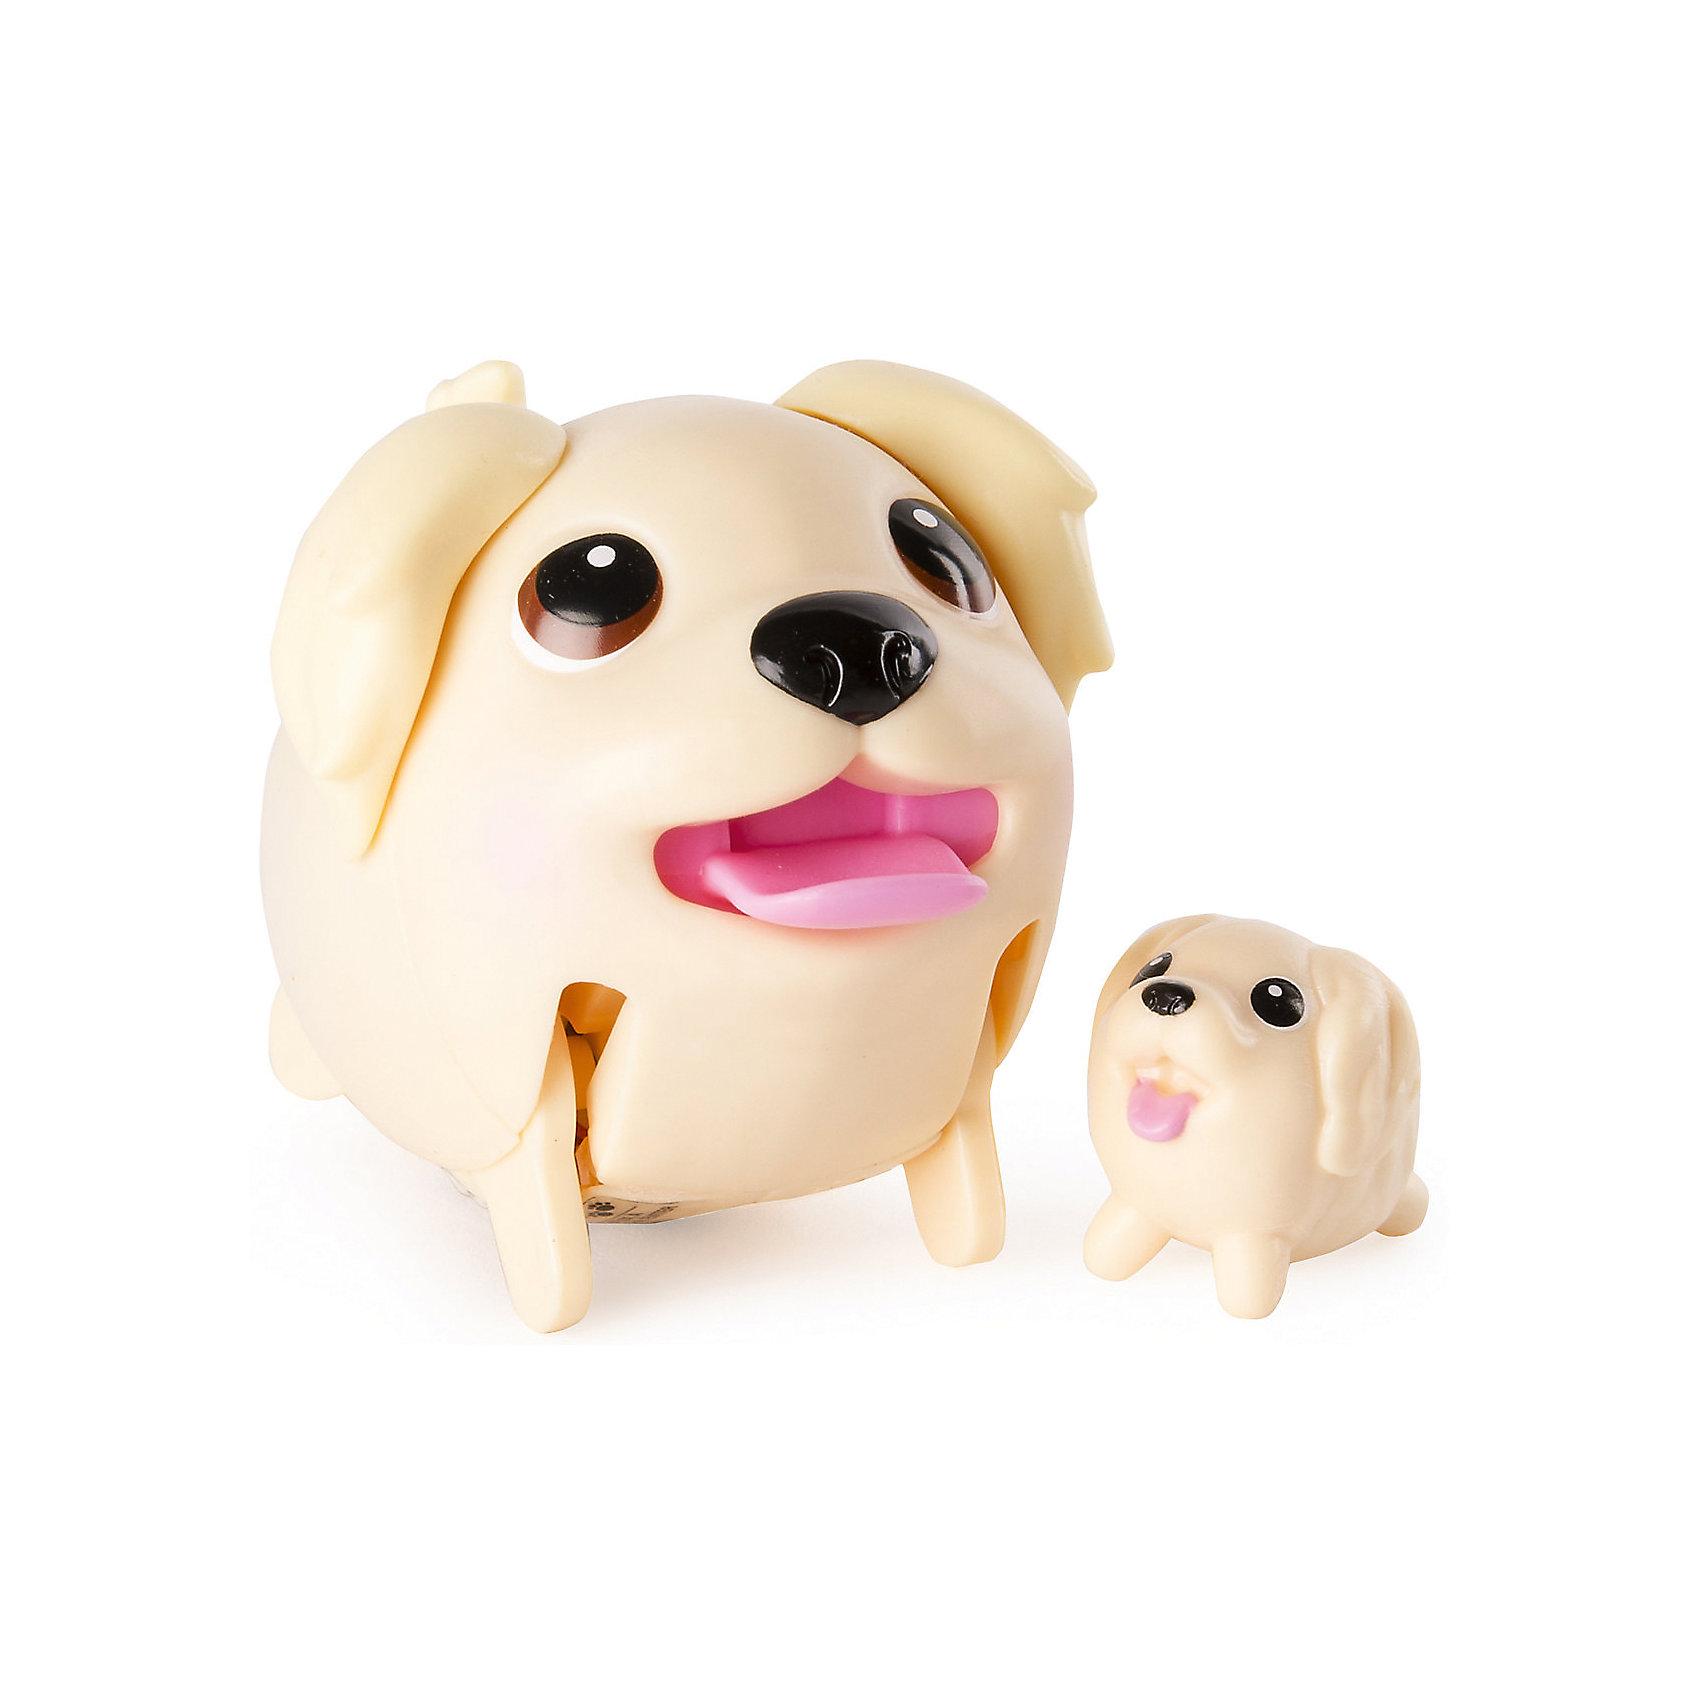 Коллекционная фигурка Пекинес, Chubby PuppiesХарактеристики товара:<br><br>- цвет: разноцветный;<br>- материал: пластик;<br>- размер упаковки: 15х8х11 см;<br>- вес: 200 г;<br>- комплектация: большая и маленькая фигурки. <br><br>Игрушки от бренда Chubby Puppies - это симпатичные собачки, которые умеют забавно двигаться. Эта игрушка очень качественно выполнена, поэтому она станет отличным подарком ребенку. Такое изделие отлично тренирует у ребенка разные навыки: играя с ней, малыш развивает мелкую моторику, цветовосприятие, внимание, воображение и творческое мышление.<br>Данная модель дополнена маленькой копией животного! Из этих фигурок можно собрать целую коллекцию! Изделие произведено из высококачественного материала, безопасного для детей.<br><br>Коллекционную фигурку Пекинес от бренда Chubby Puppies можно купить в нашем интернет-магазине.<br><br>Ширина мм: 80<br>Глубина мм: 110<br>Высота мм: 150<br>Вес г: 195<br>Возраст от месяцев: 36<br>Возраст до месяцев: 2147483647<br>Пол: Унисекс<br>Возраст: Детский<br>SKU: 5097947